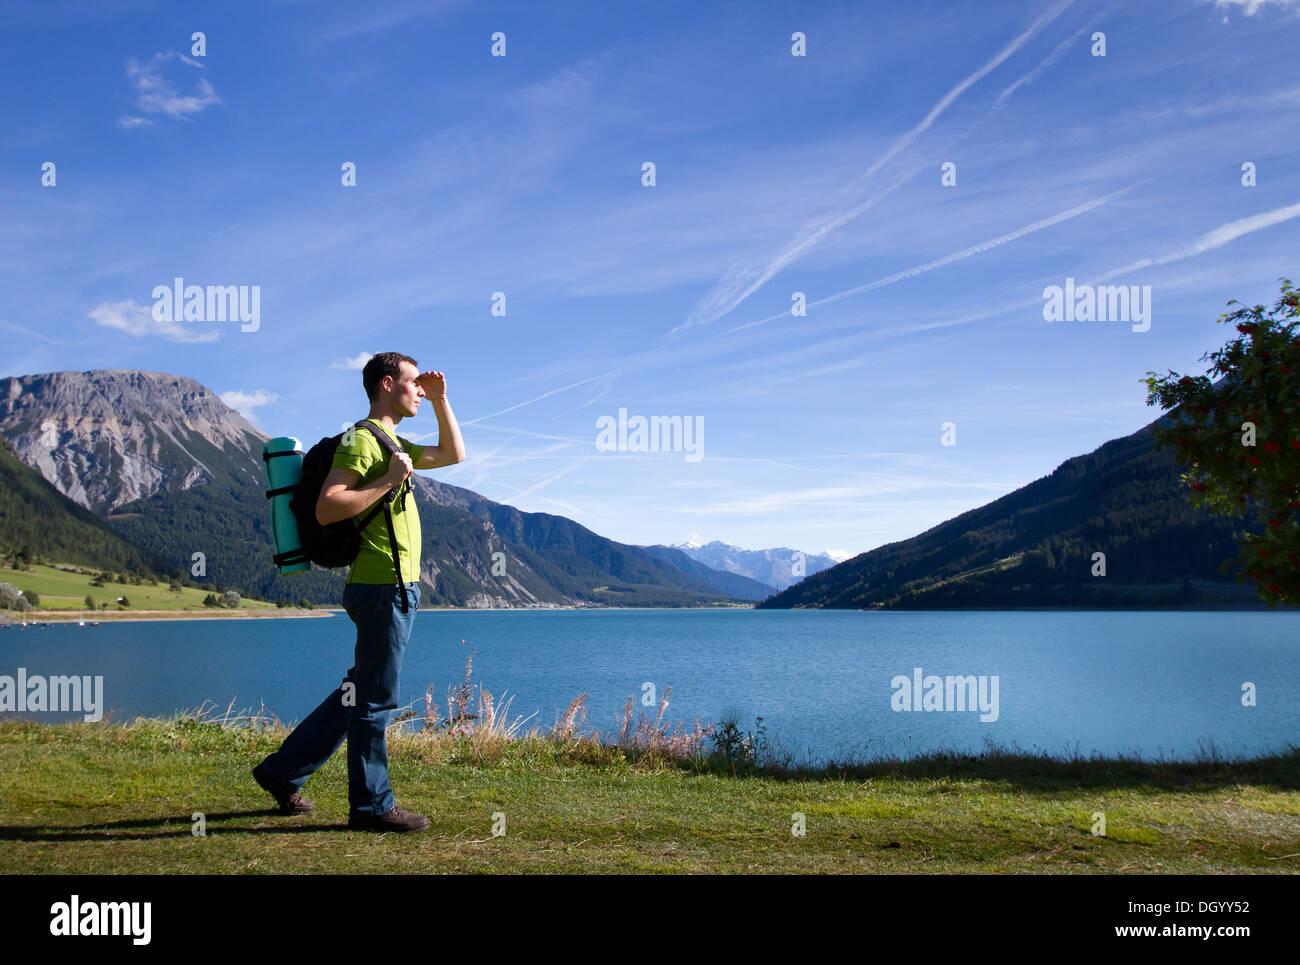 Meilleur dans les montagnes à l'avant, nouvelle vision Photo Stock